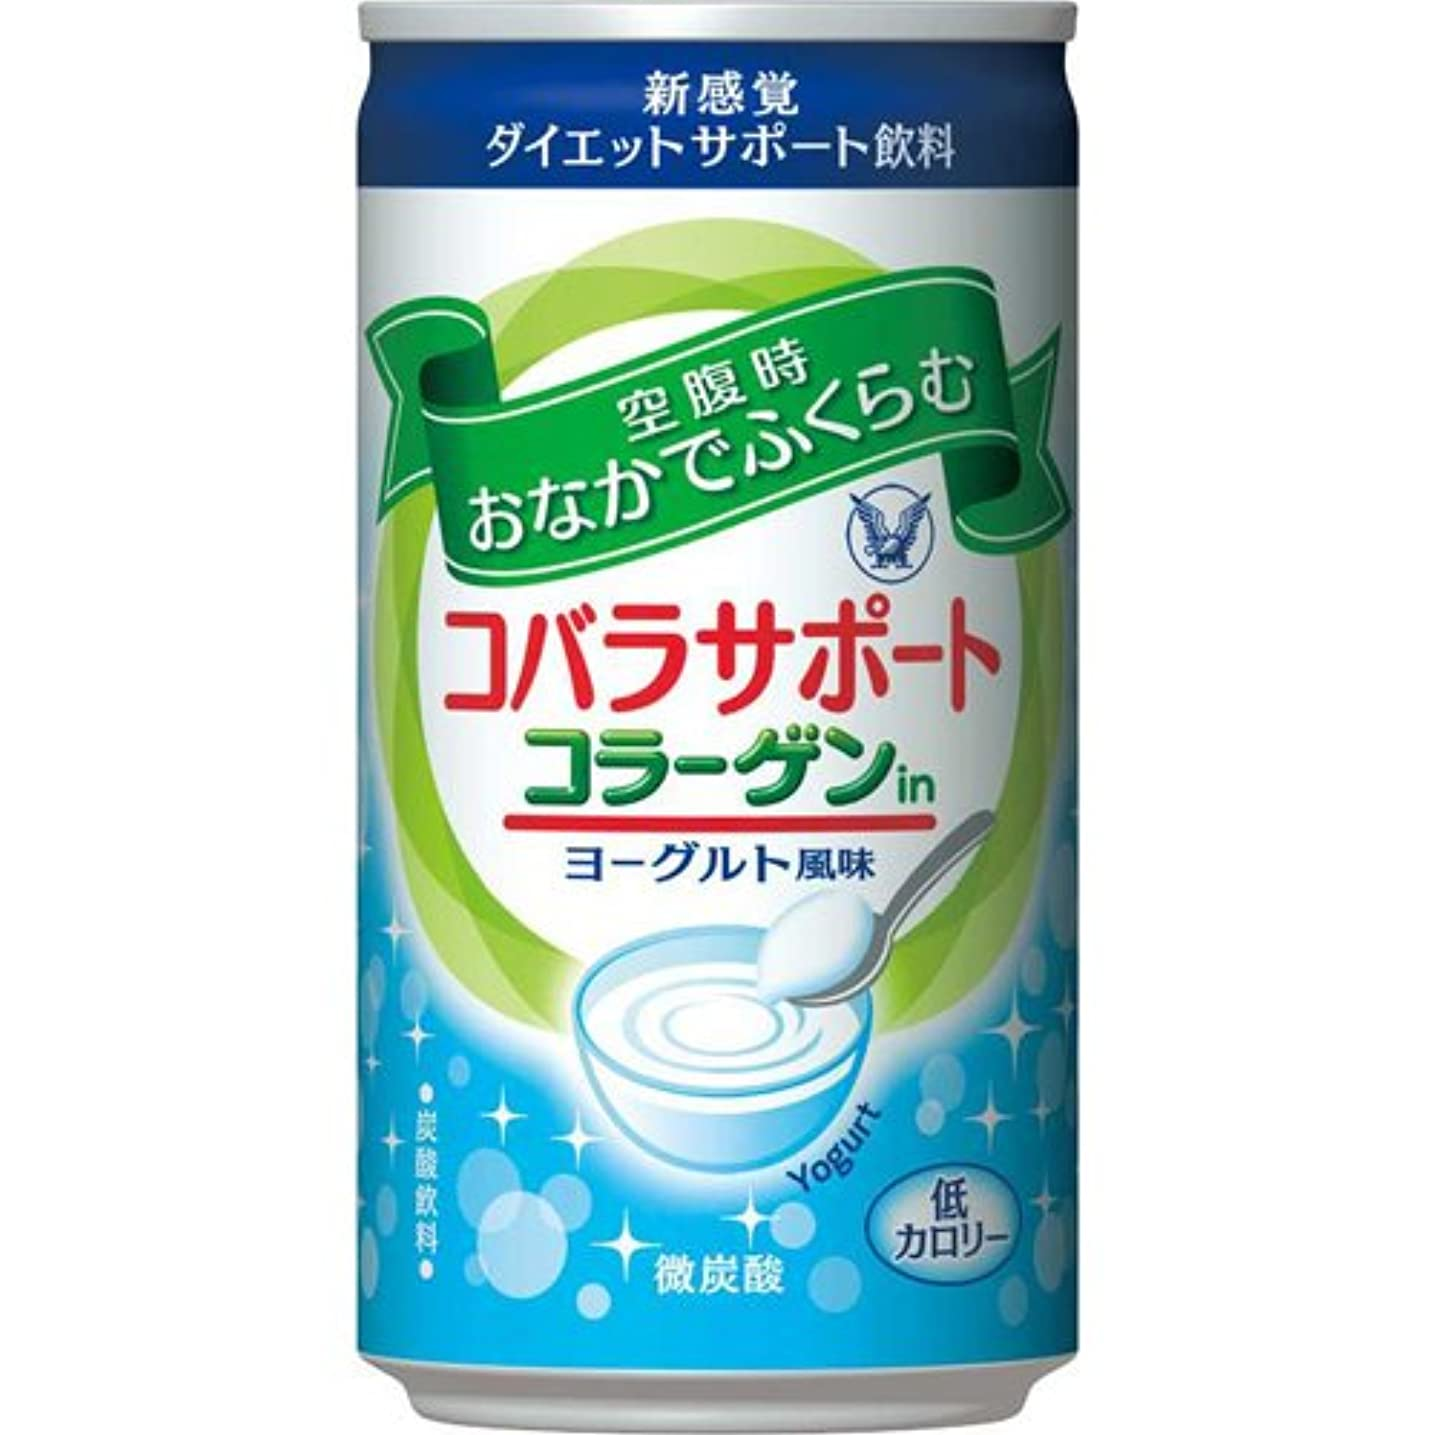 ベーシック役立つ内側大正製薬 コバラサポート コラーゲンinヨーグルト風味 1缶